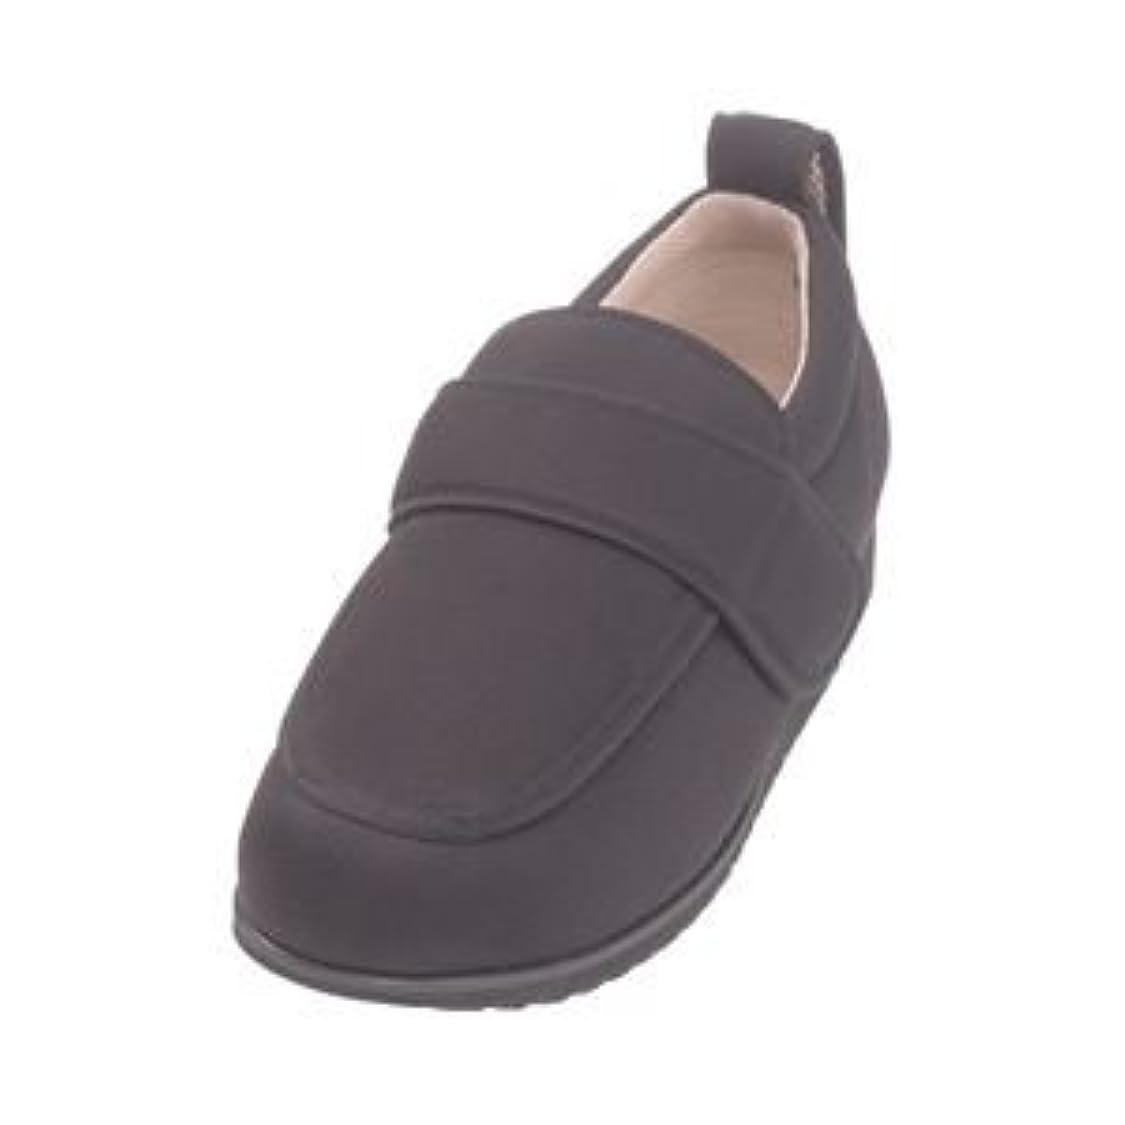 病な申し込むウォーターフロント介護靴 外出用 NEWケアフル 5E(ワイドサイズ) 7007 両足 徳武産業 あゆみシリーズ /3L (25.0~25.5cm) 黒